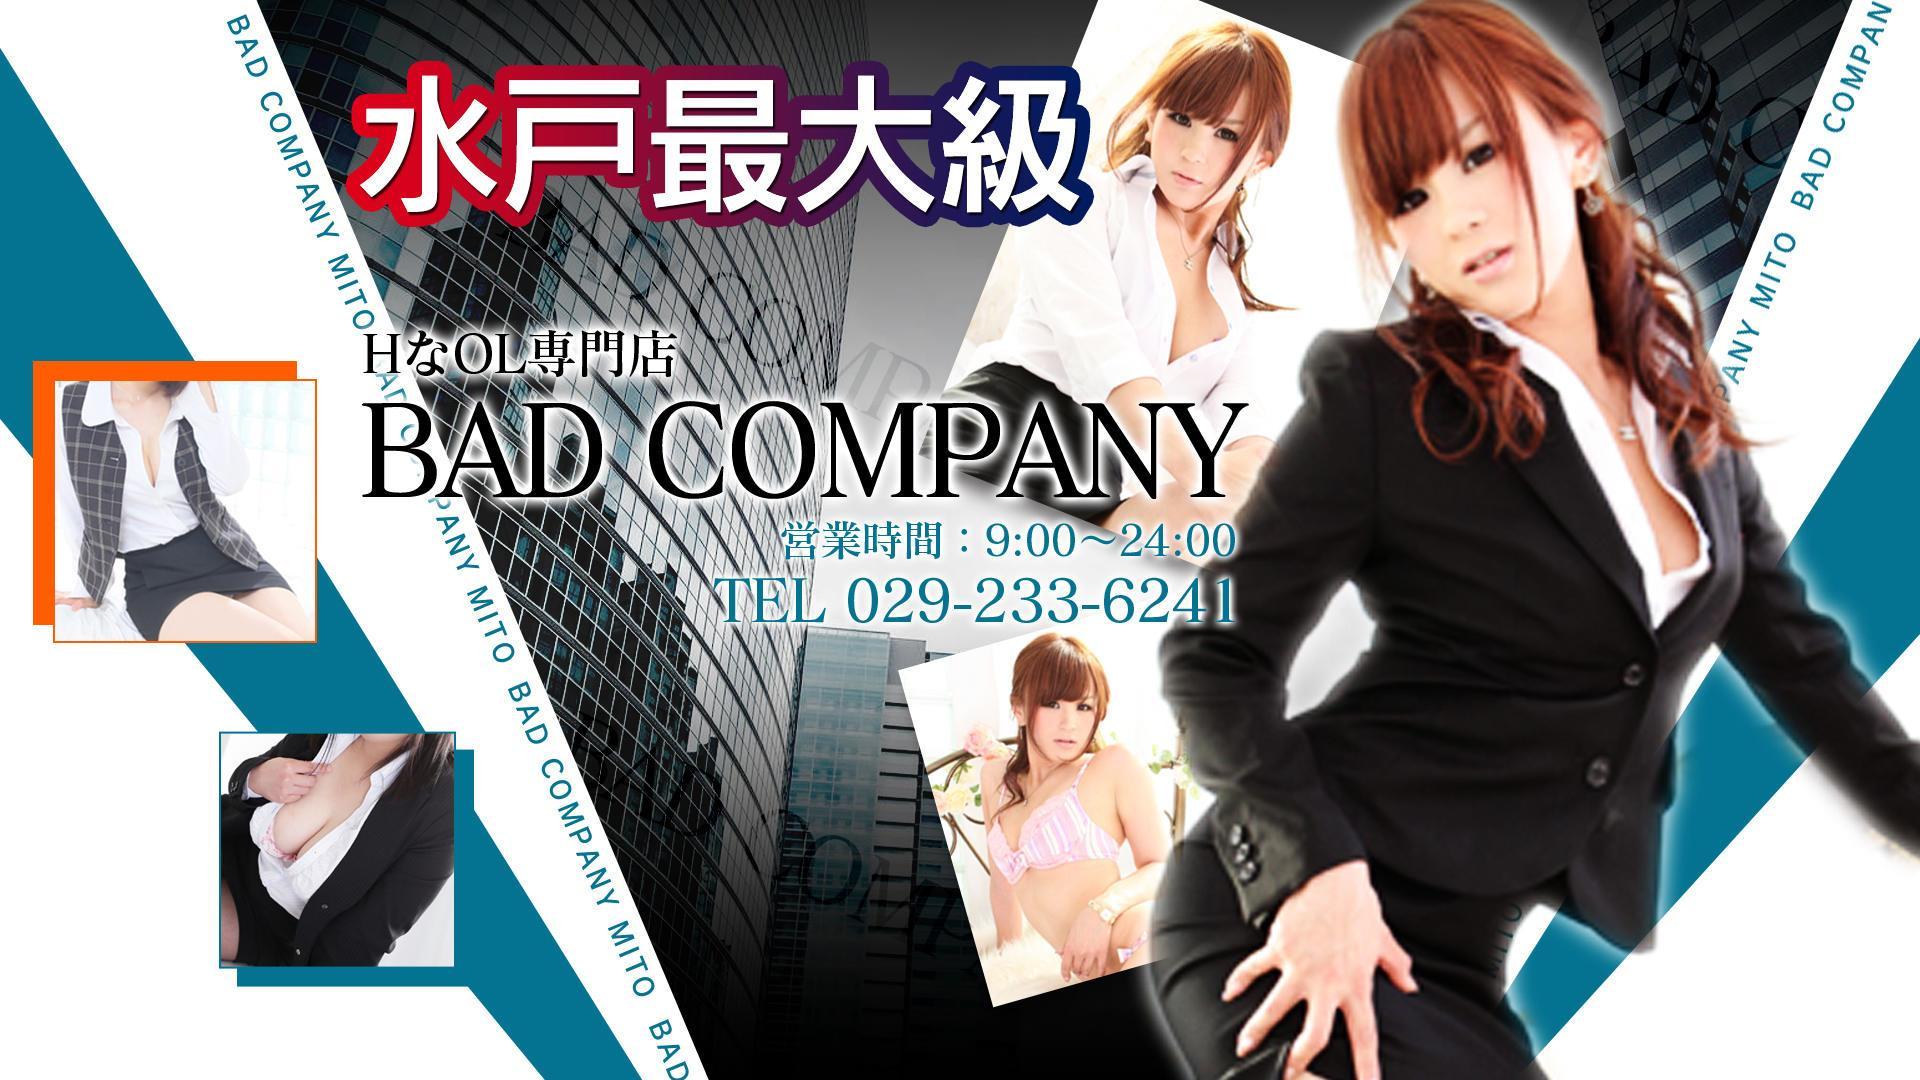 BAD COMPANY 水戸店(YESグループ)